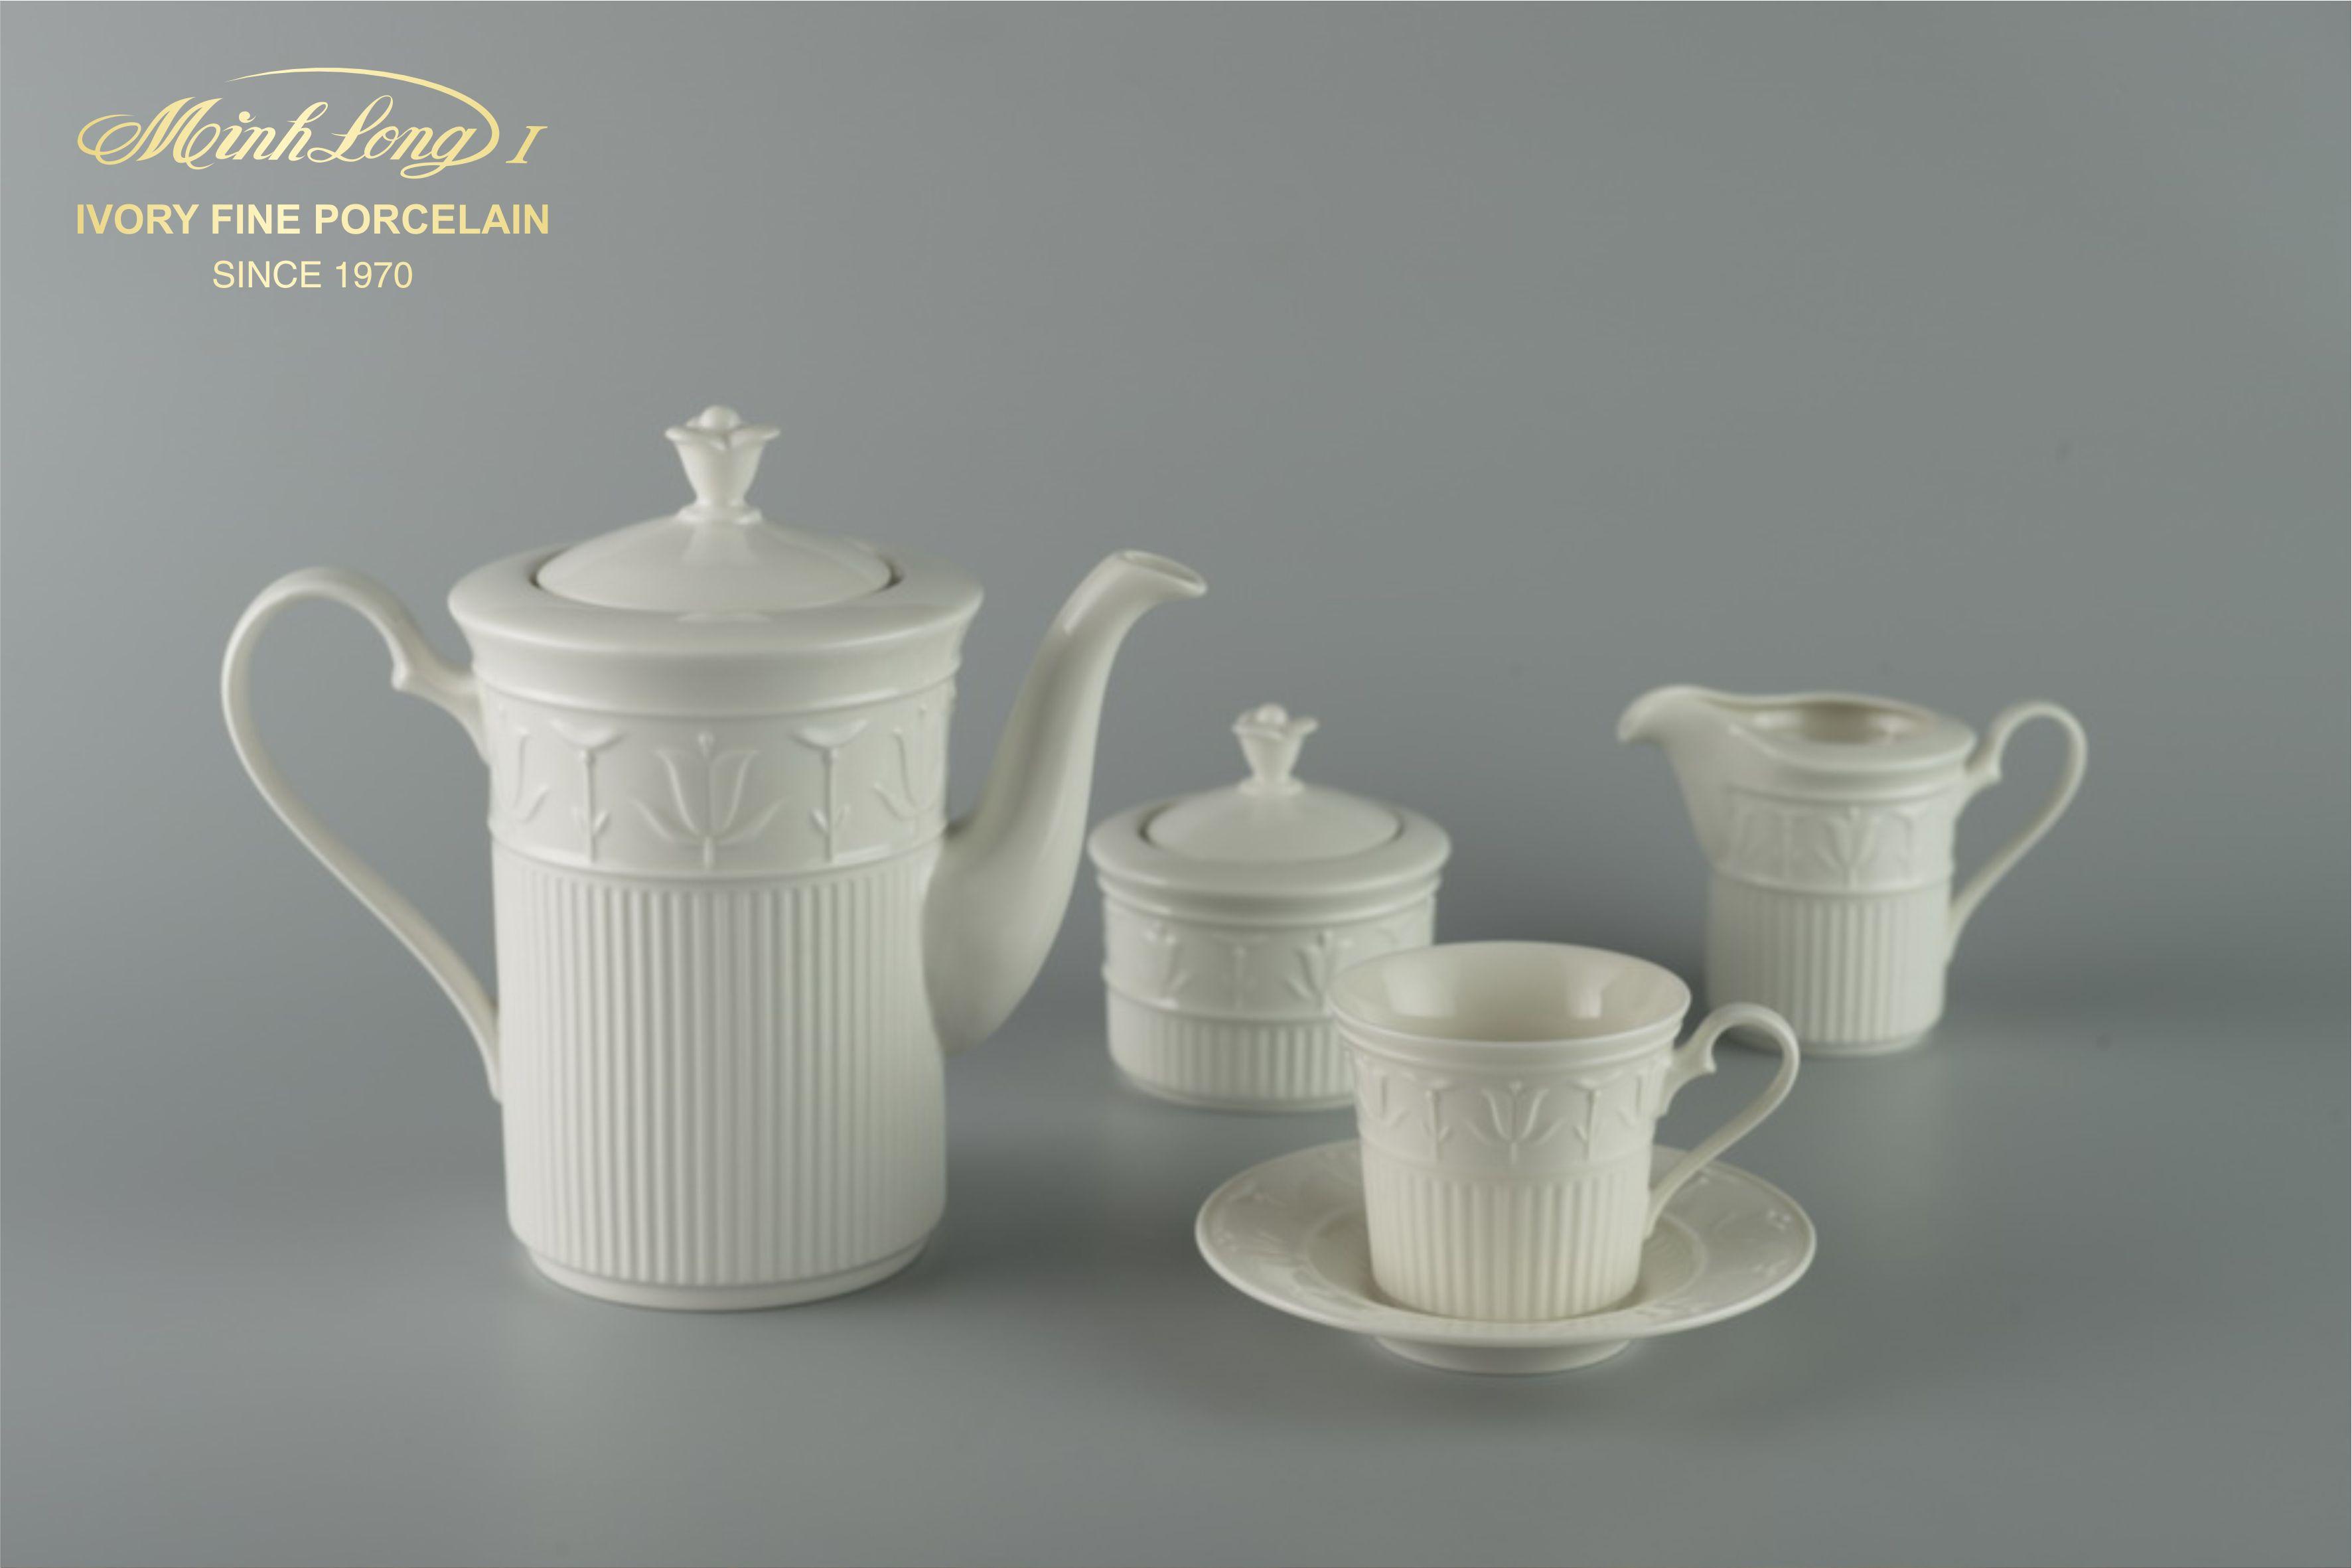 Bộ cà phê 1.25L Tulip Nỗi Trắng Ngà 01124200003 Minh Long